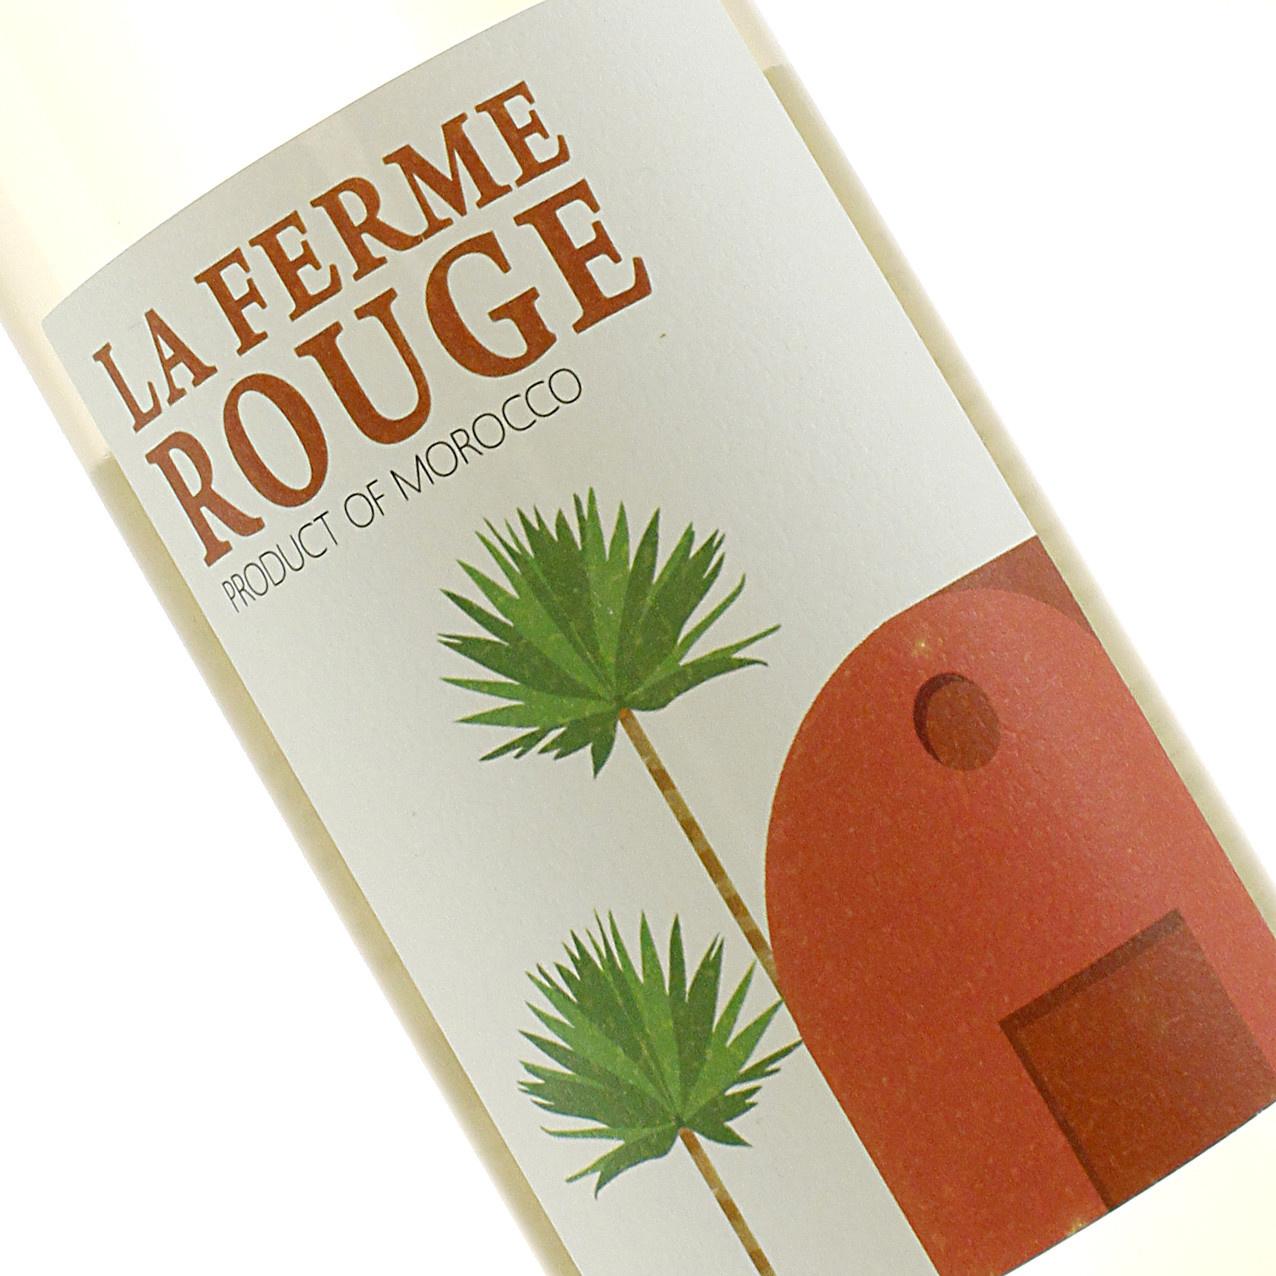 La Ferme Rouge 2019 Terre Blanches (Chardonnay/Sauvignon Blanc), Zaer Morocco